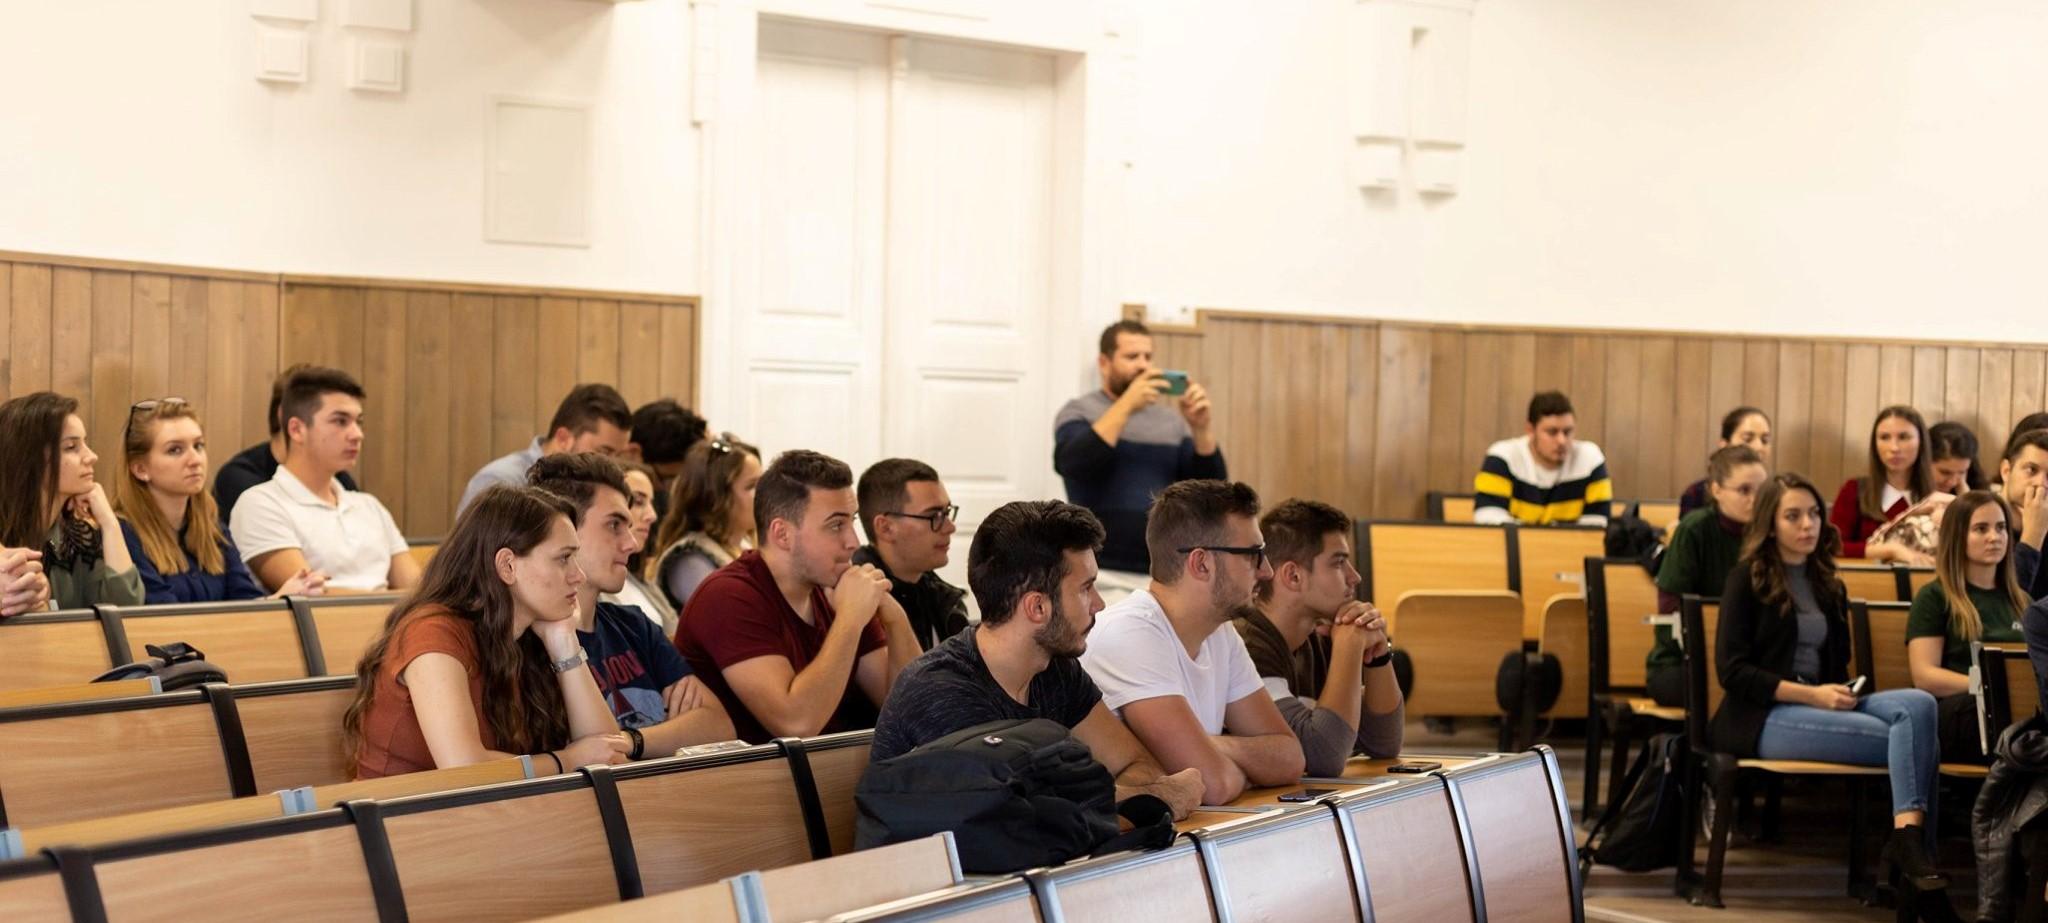 Cursuri dedicate studenților dornici de aprofundarea cunoștințelor în domeniul rețelelor de calculatoare